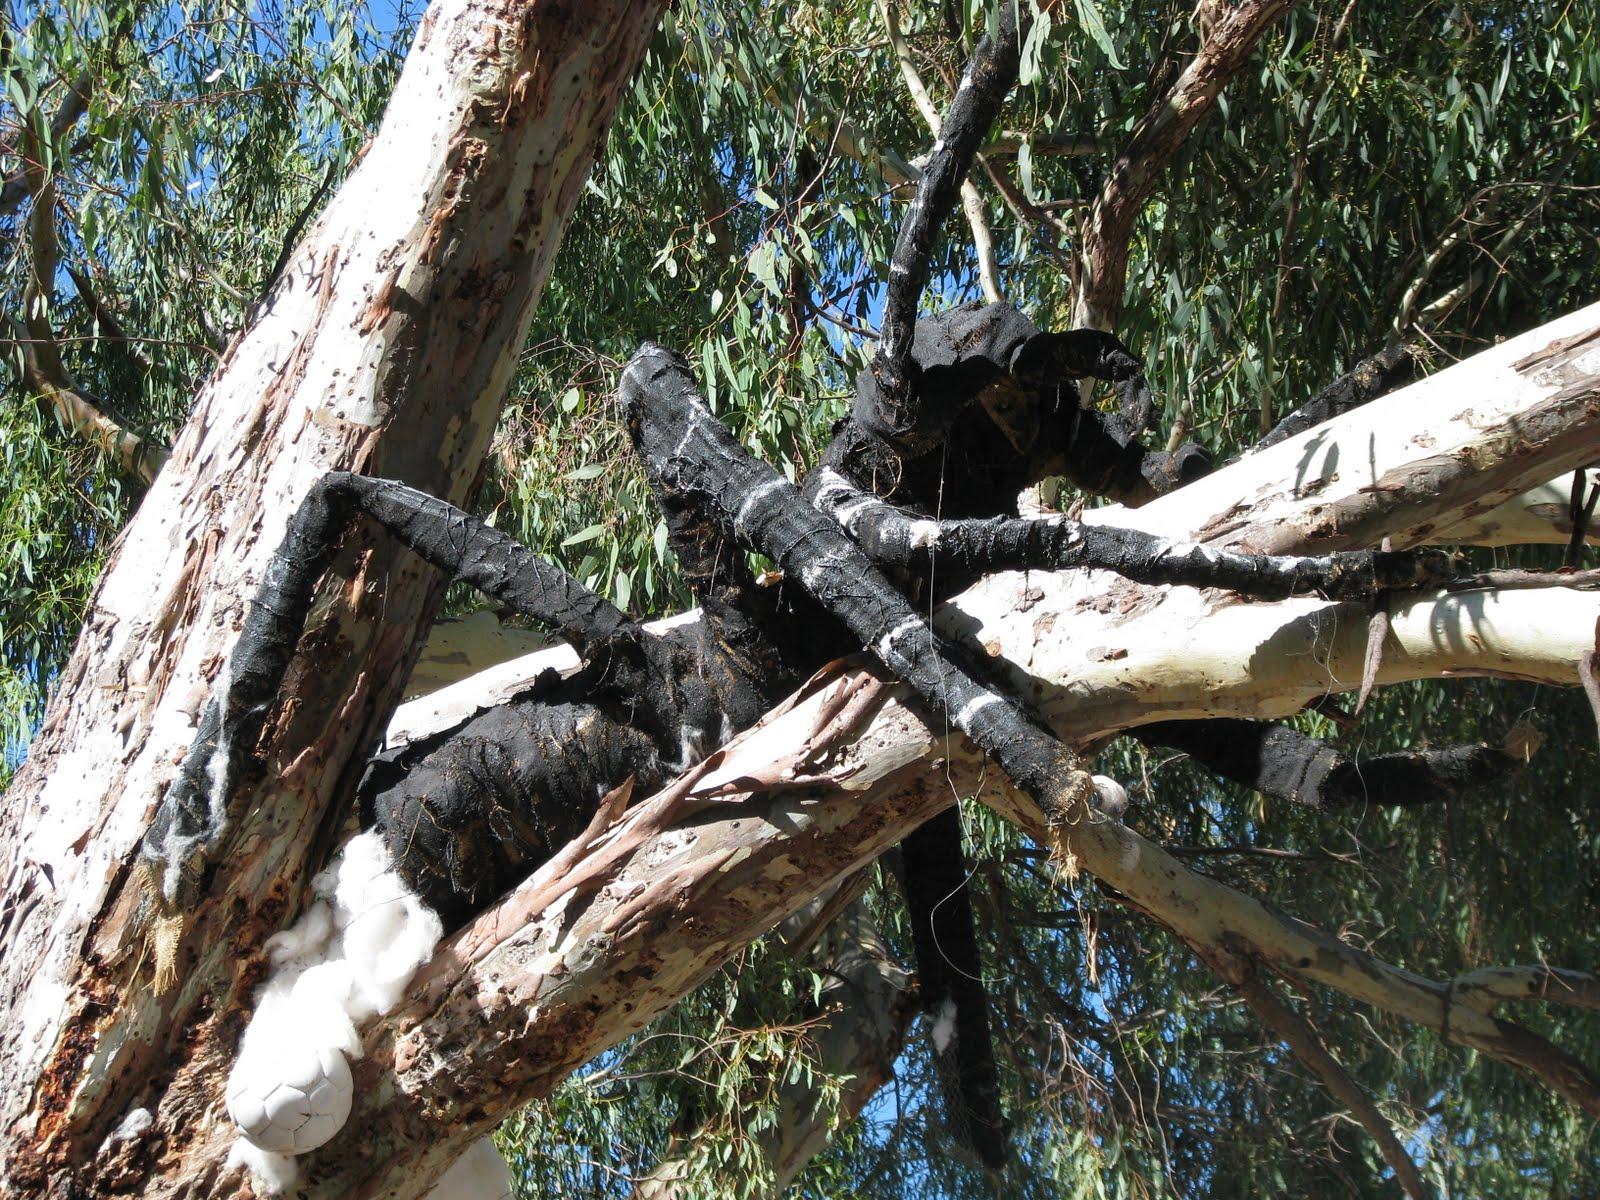 giant spider webs in trees. Black Bedroom Furniture Sets. Home Design Ideas